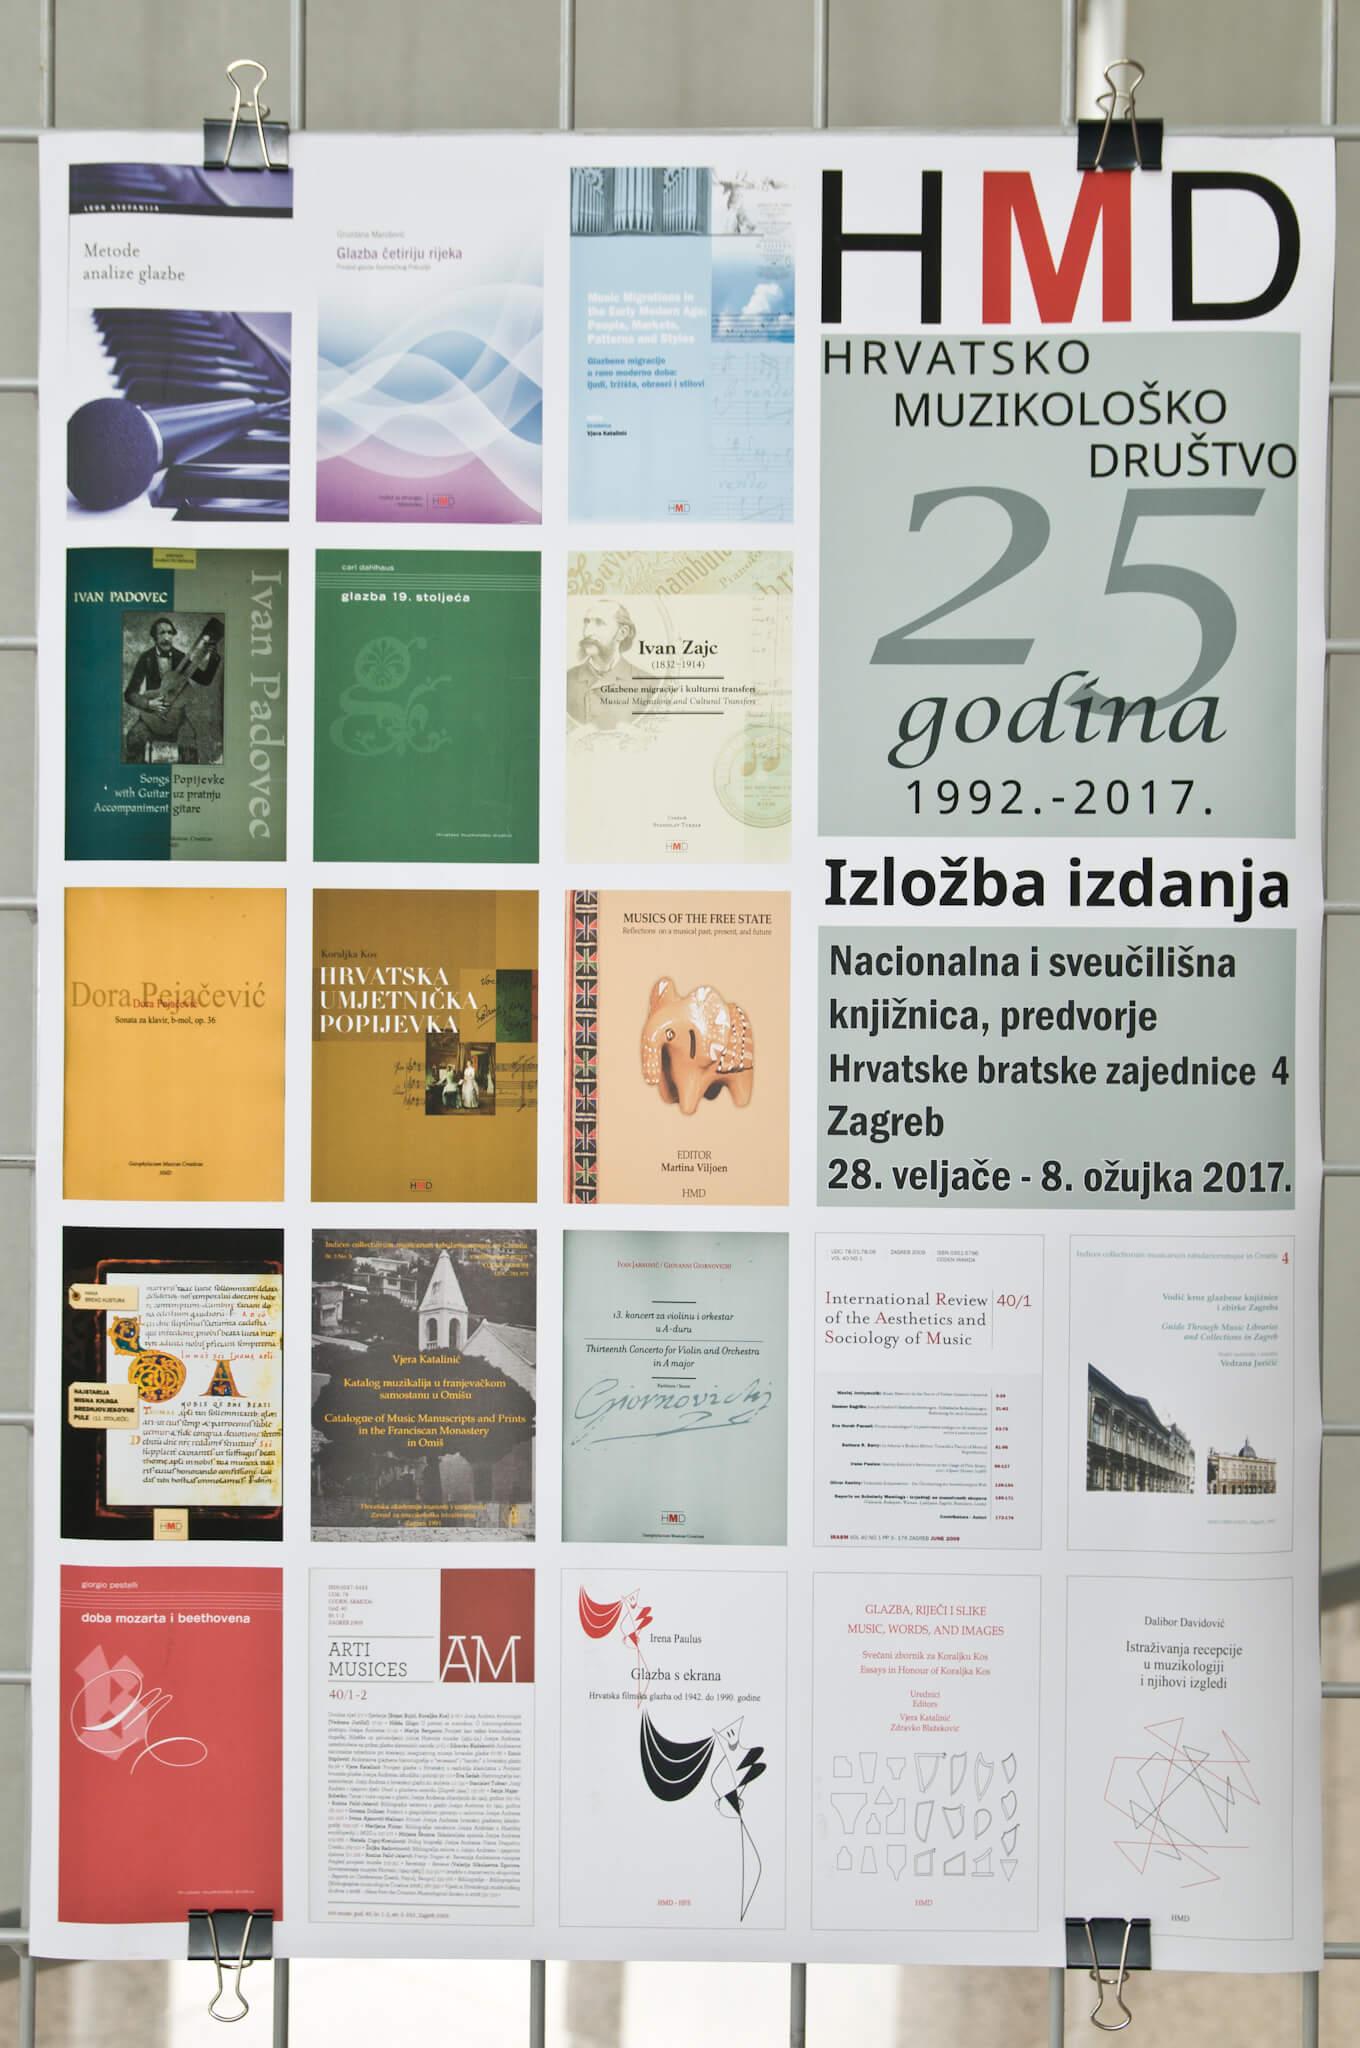 Otvorena izložba izdanja Hrvatskog muzikološkog društva u povodu 25 godina djelovanja.